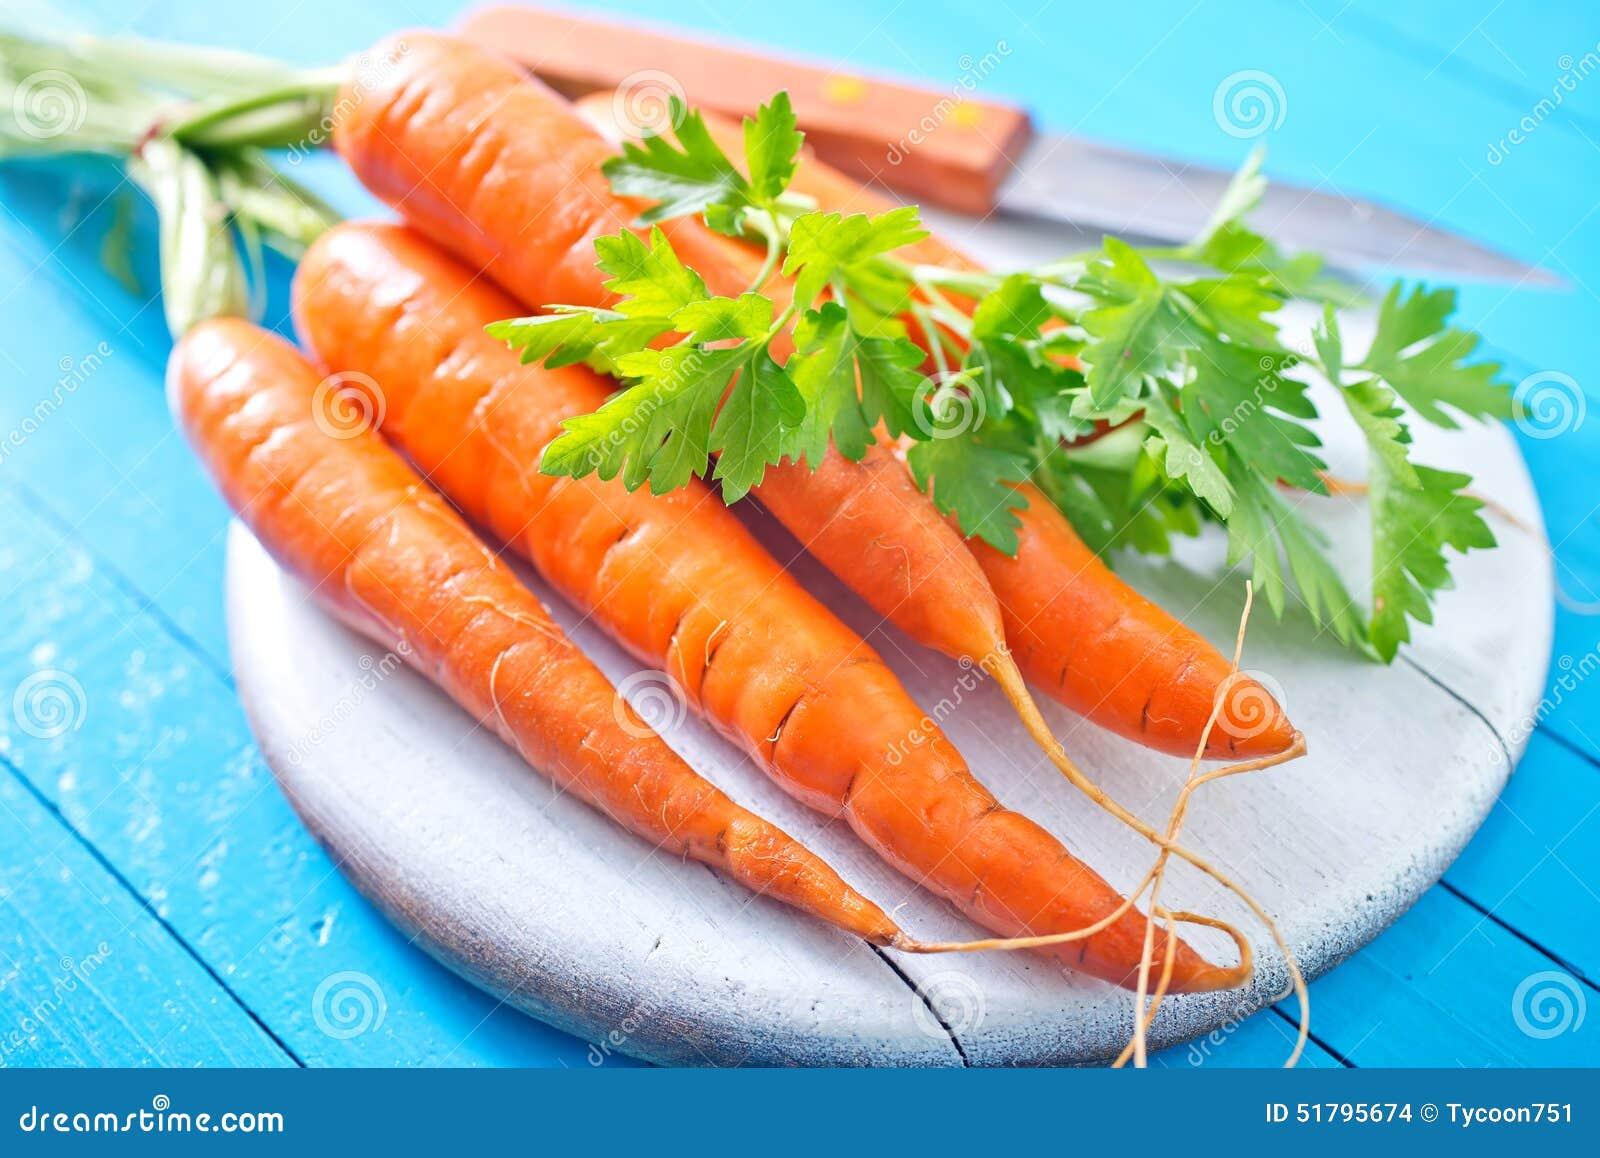 原始的红萝卜